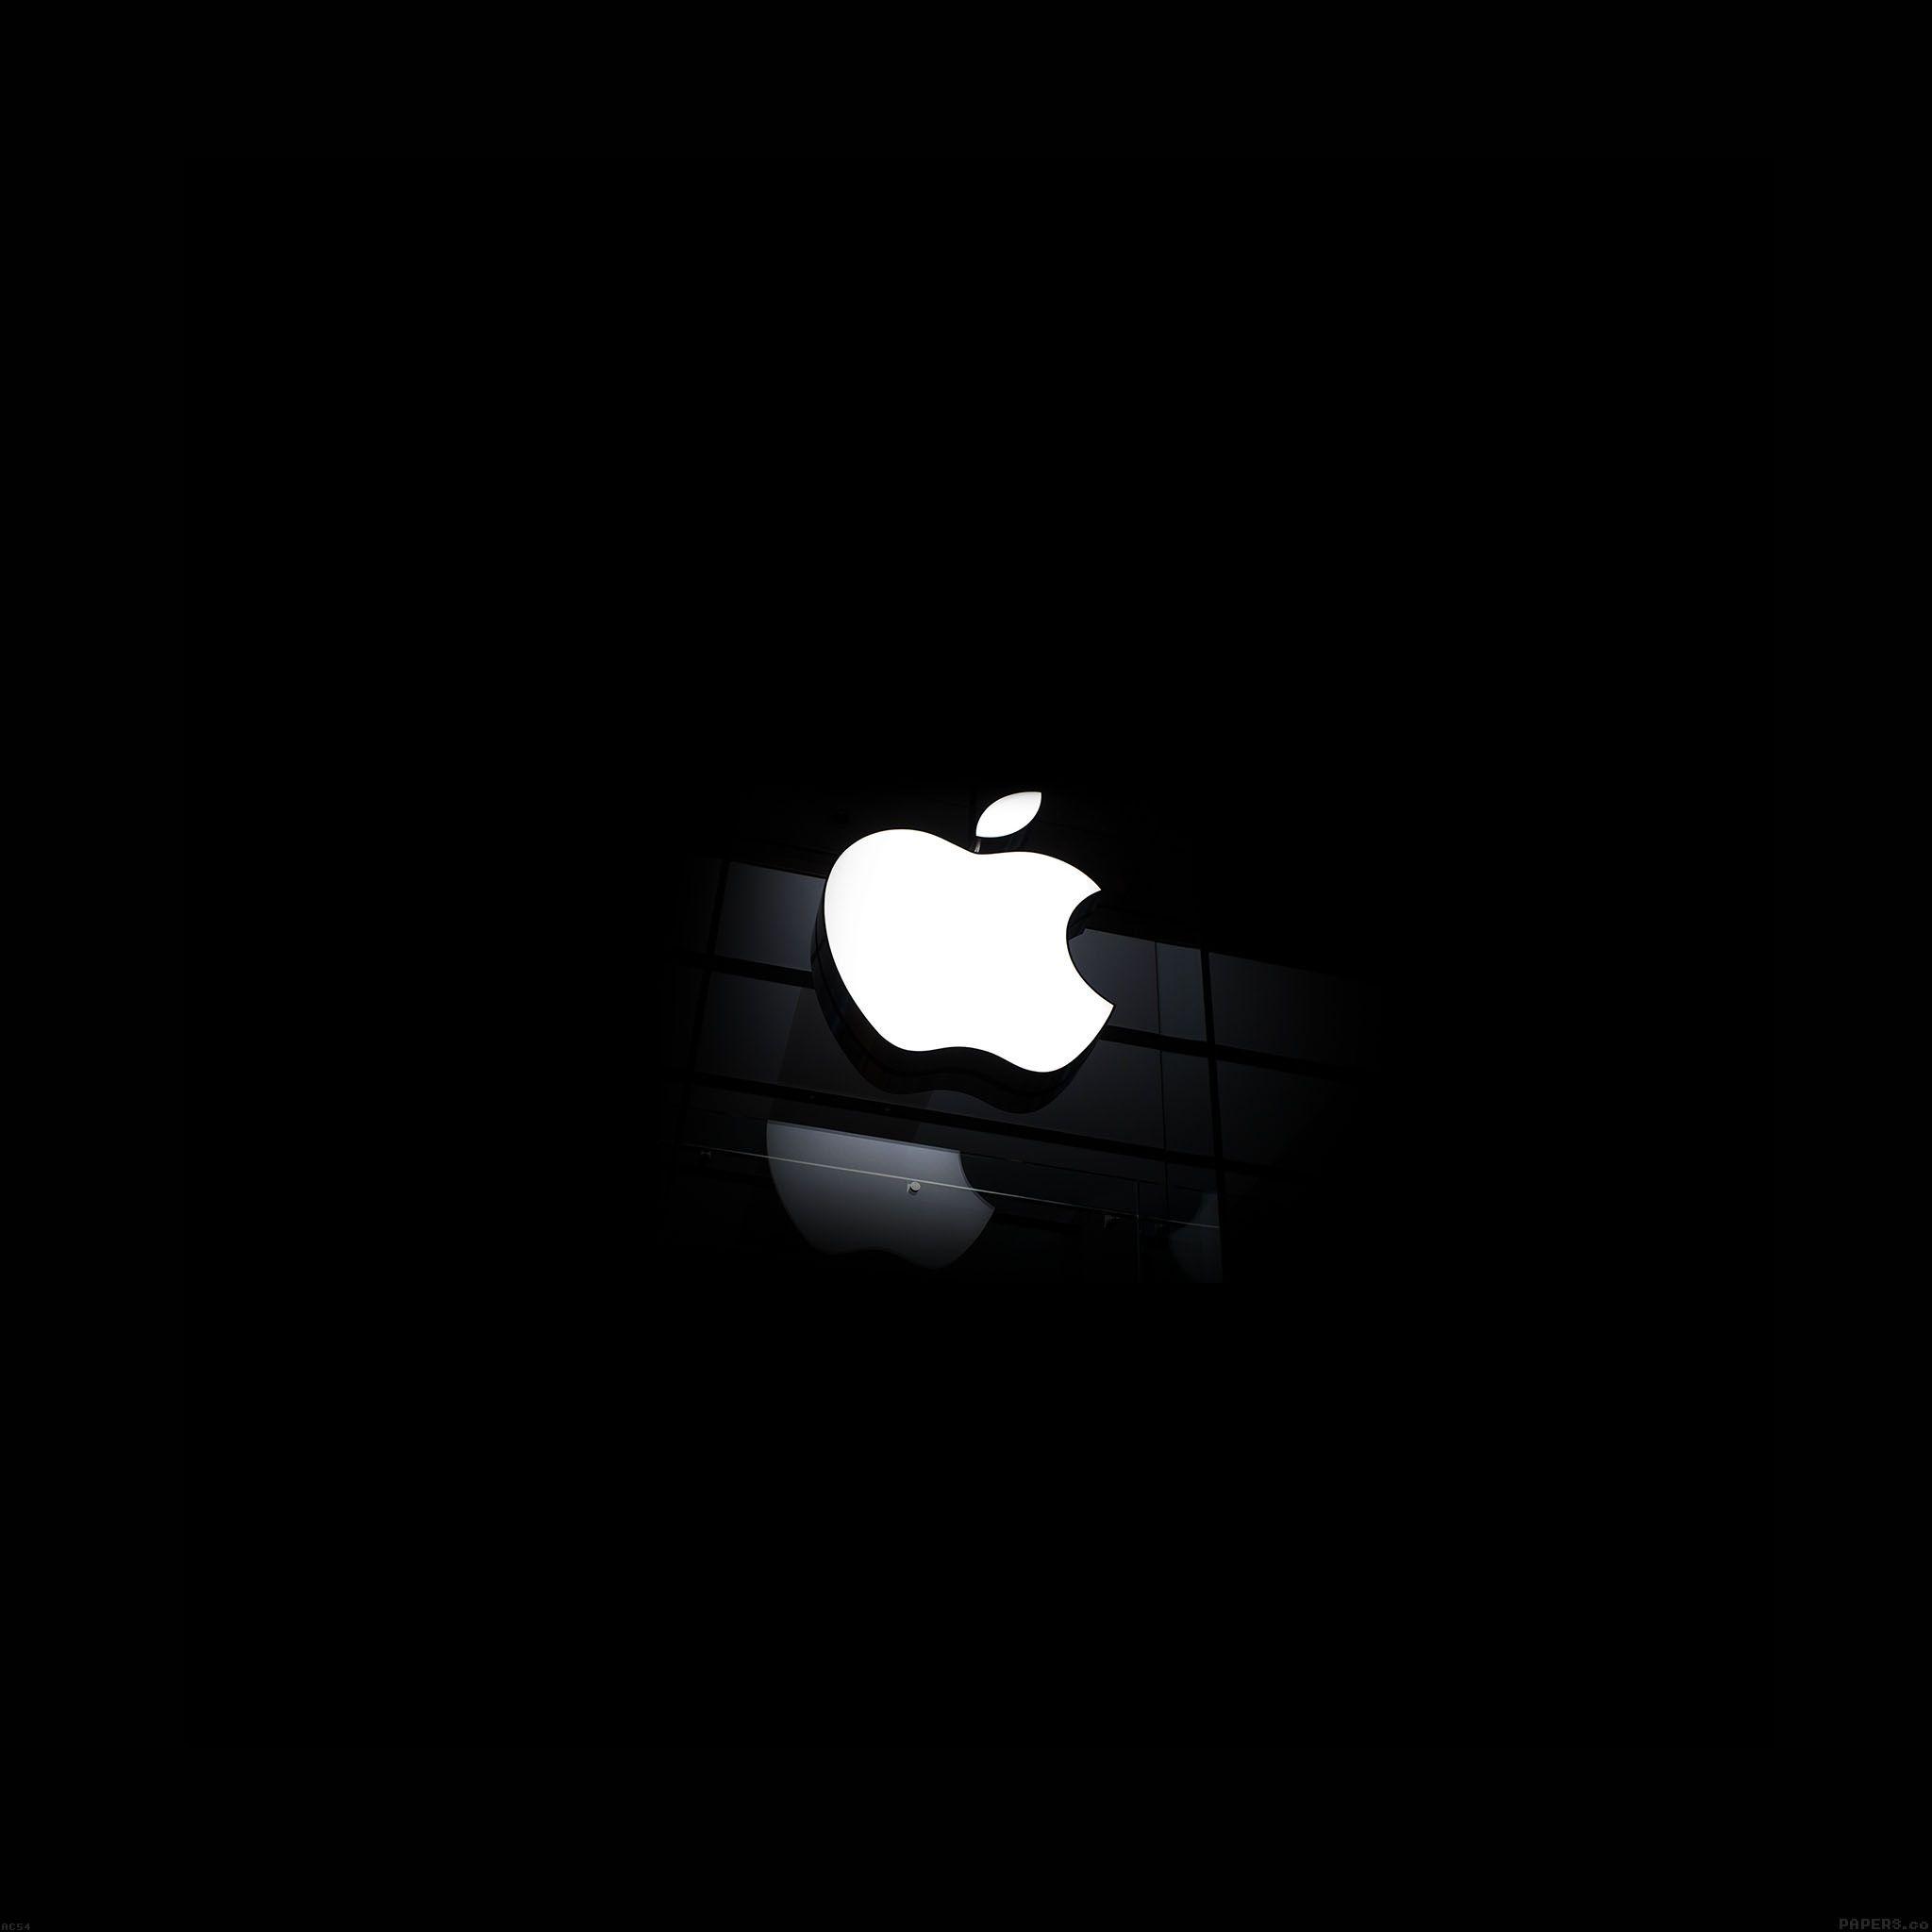 Fantasy : White Apple Glass Logo Dark Iphone 6 Brands In